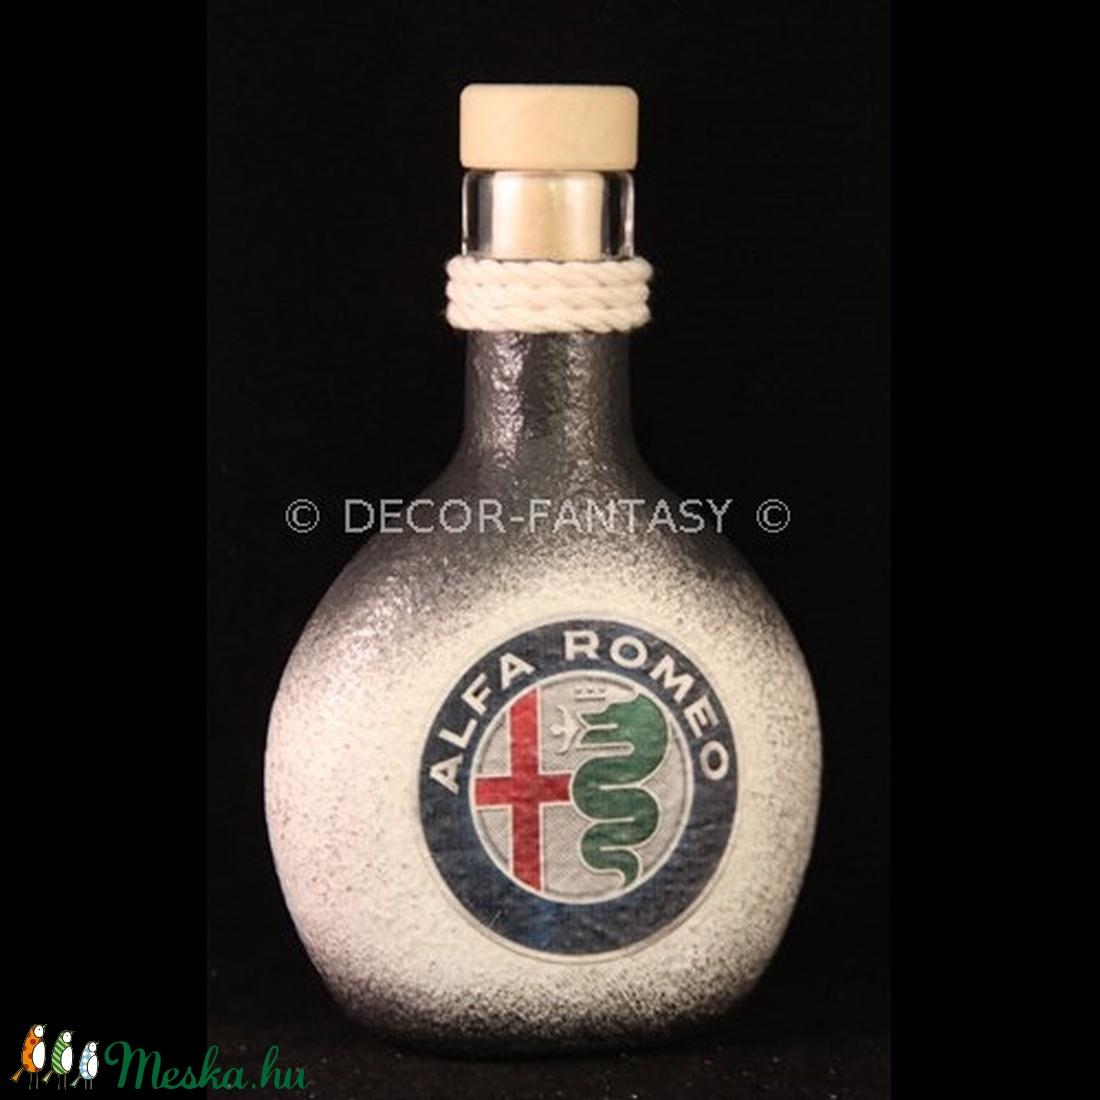 ALFA ROMEO emblémával díszített  üveg ( 0,2 l )  (decorfantasy) - Meska.hu